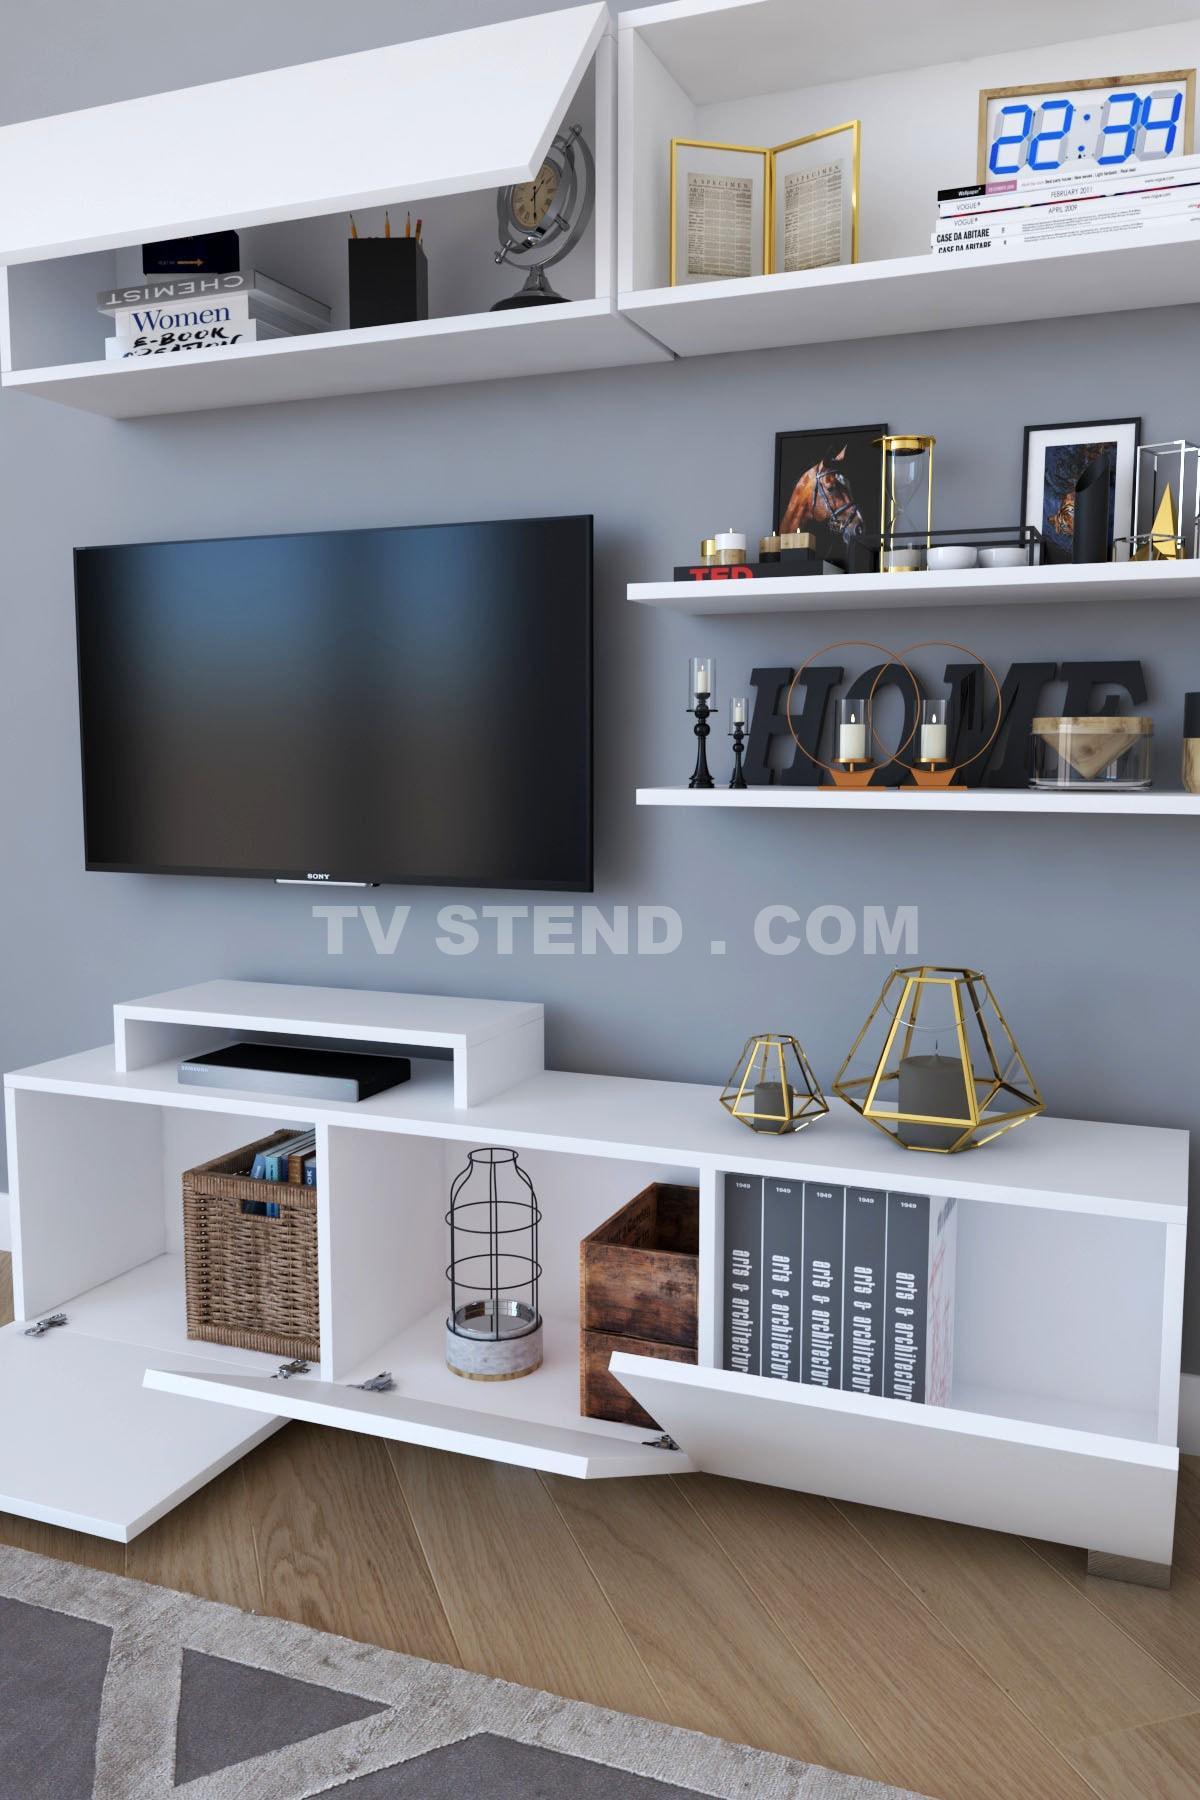 KZY tv stend